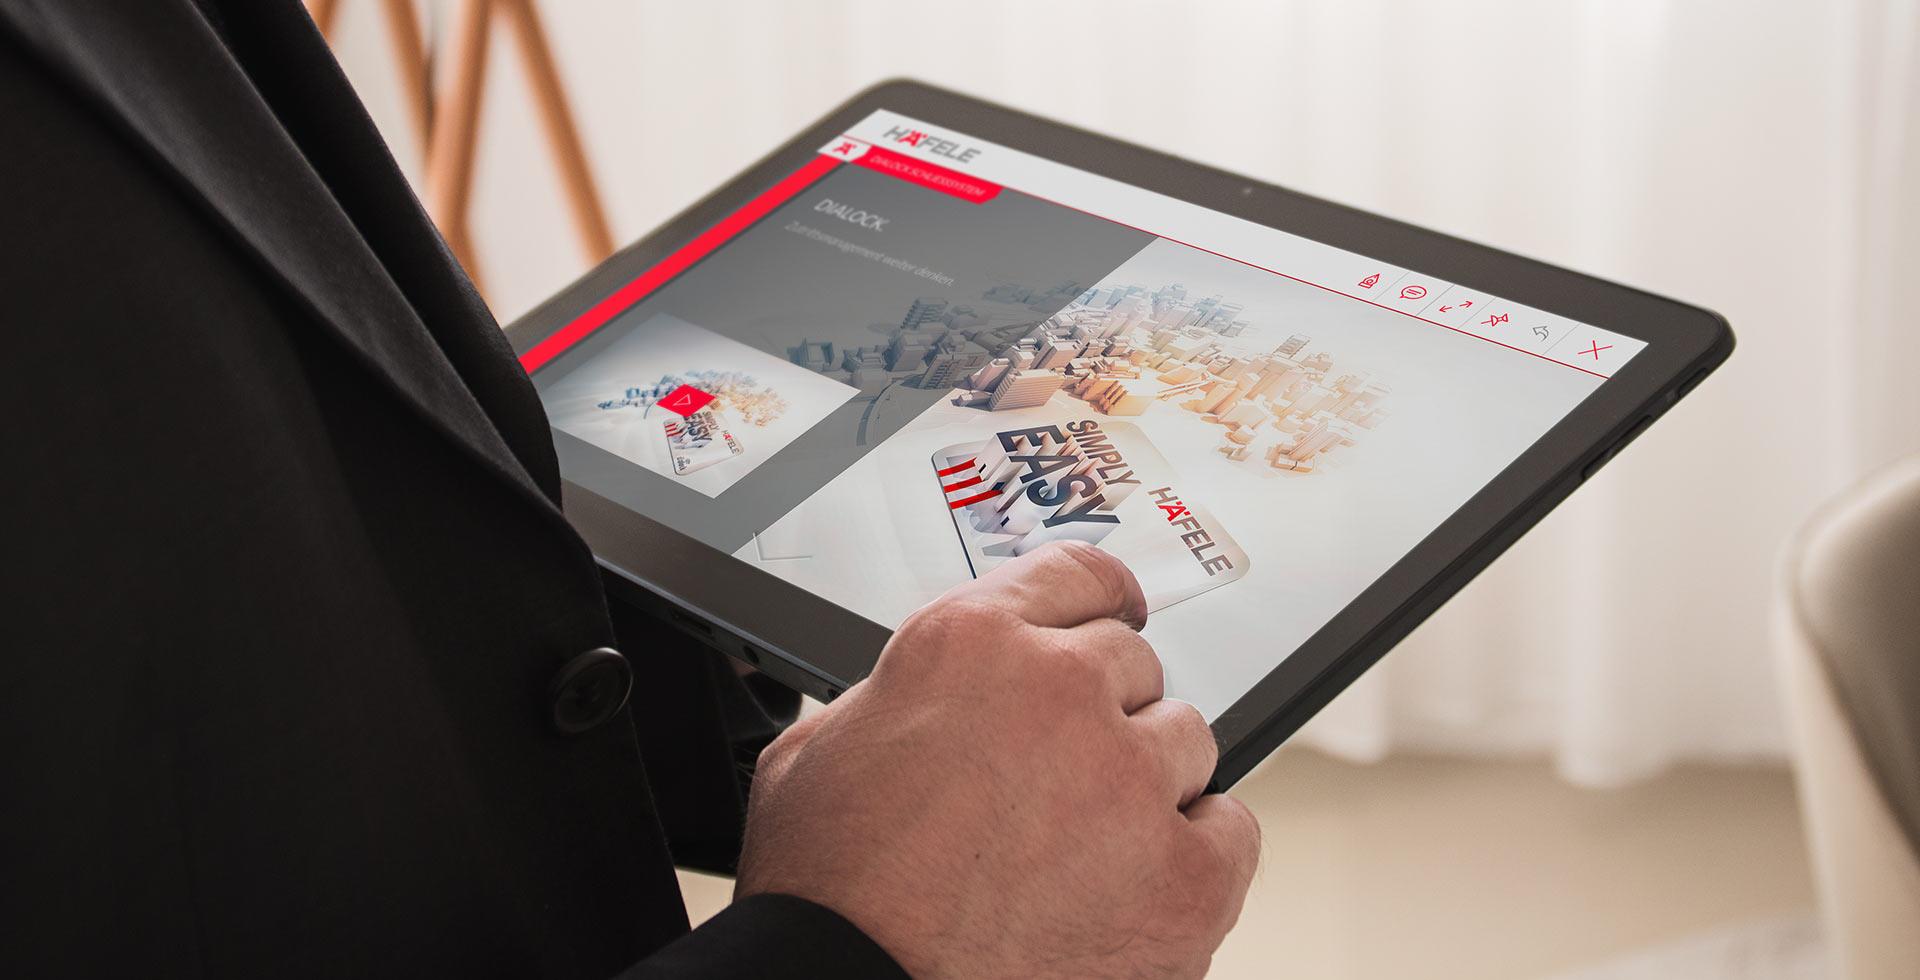 Ansicht der Häfele Vertriebs-App, die auf einem Tablet angewandt wird.